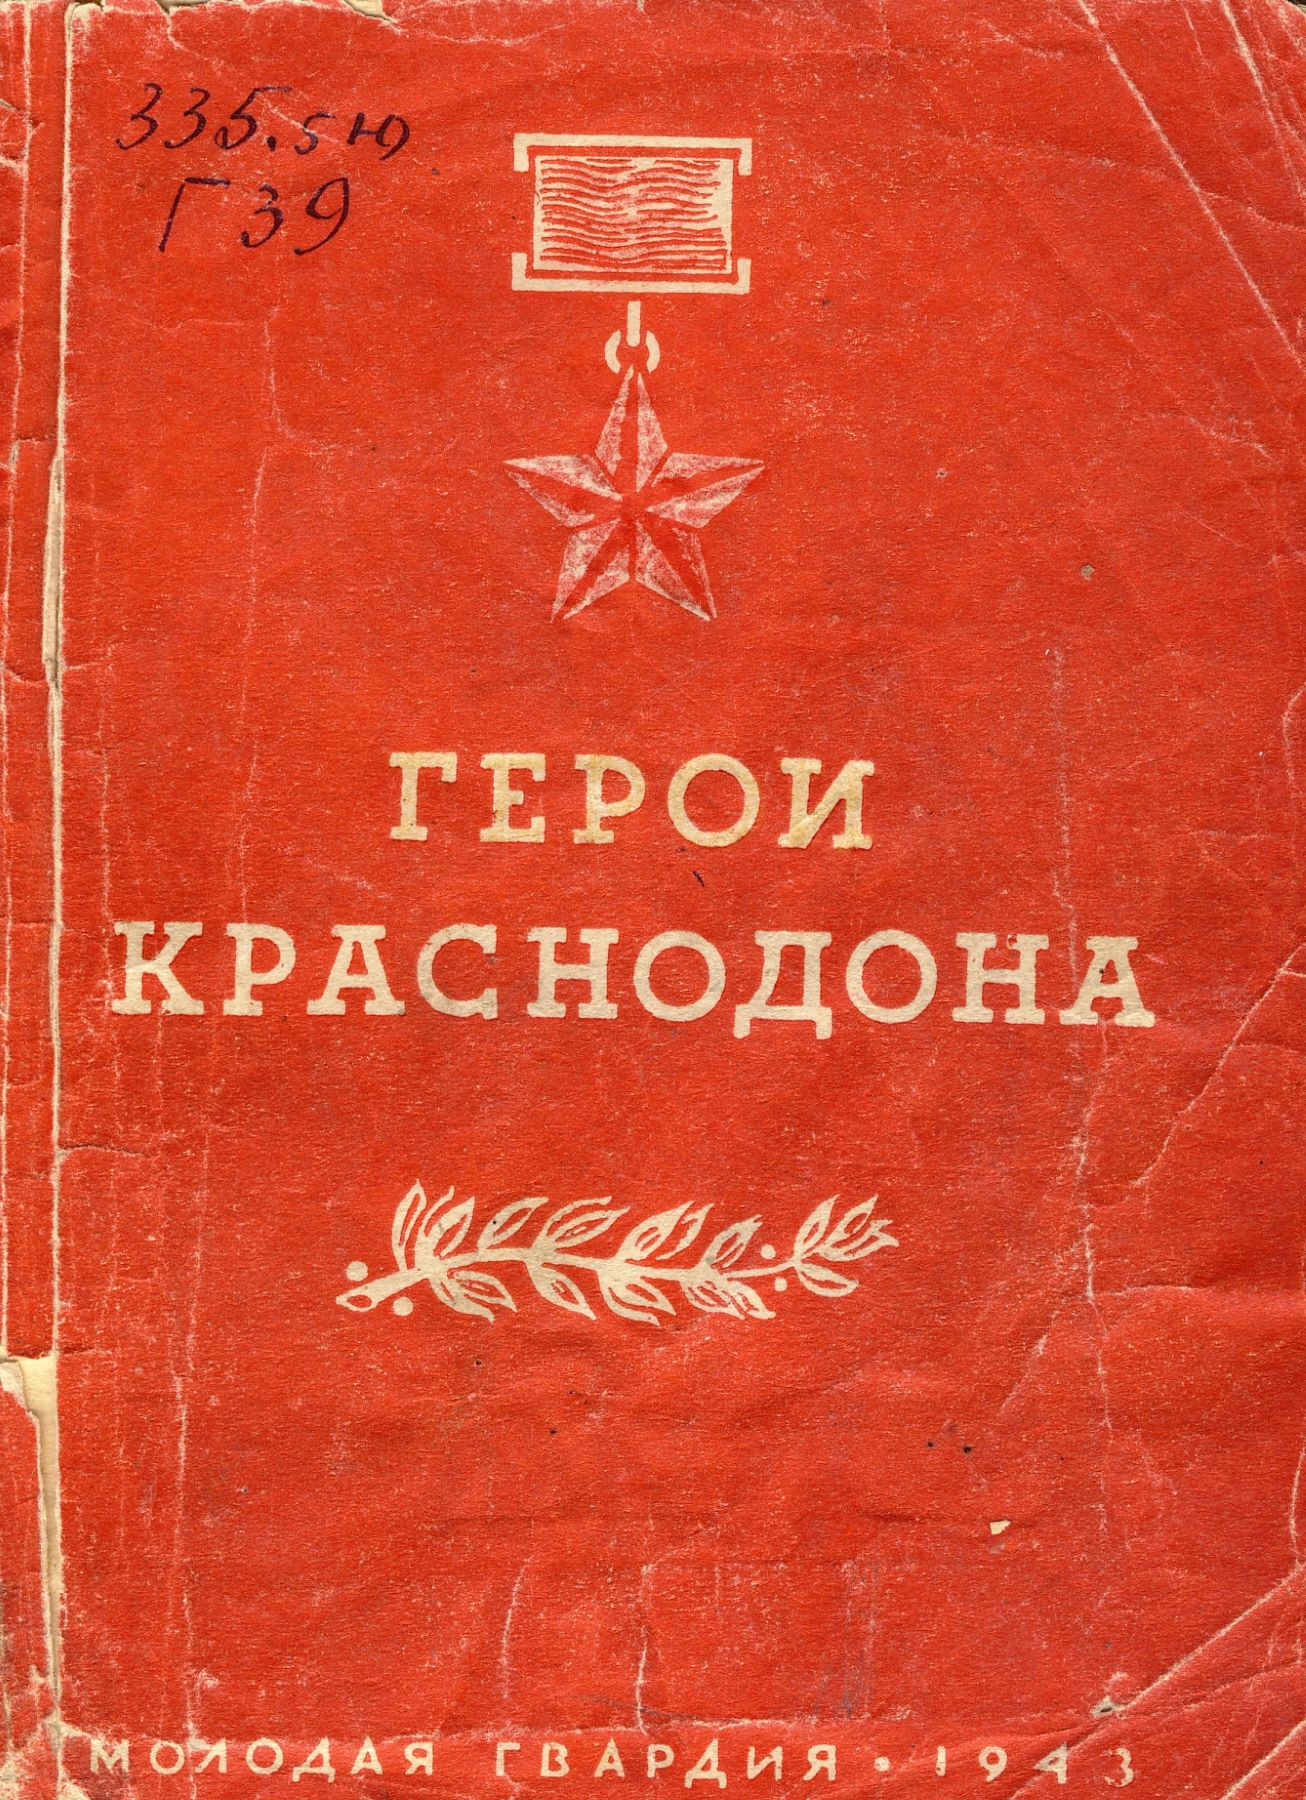 Материалы и документы о работе в тылу врага подпольной комсомольской организации «Молодая гвардия», опубликованные в 1943 году